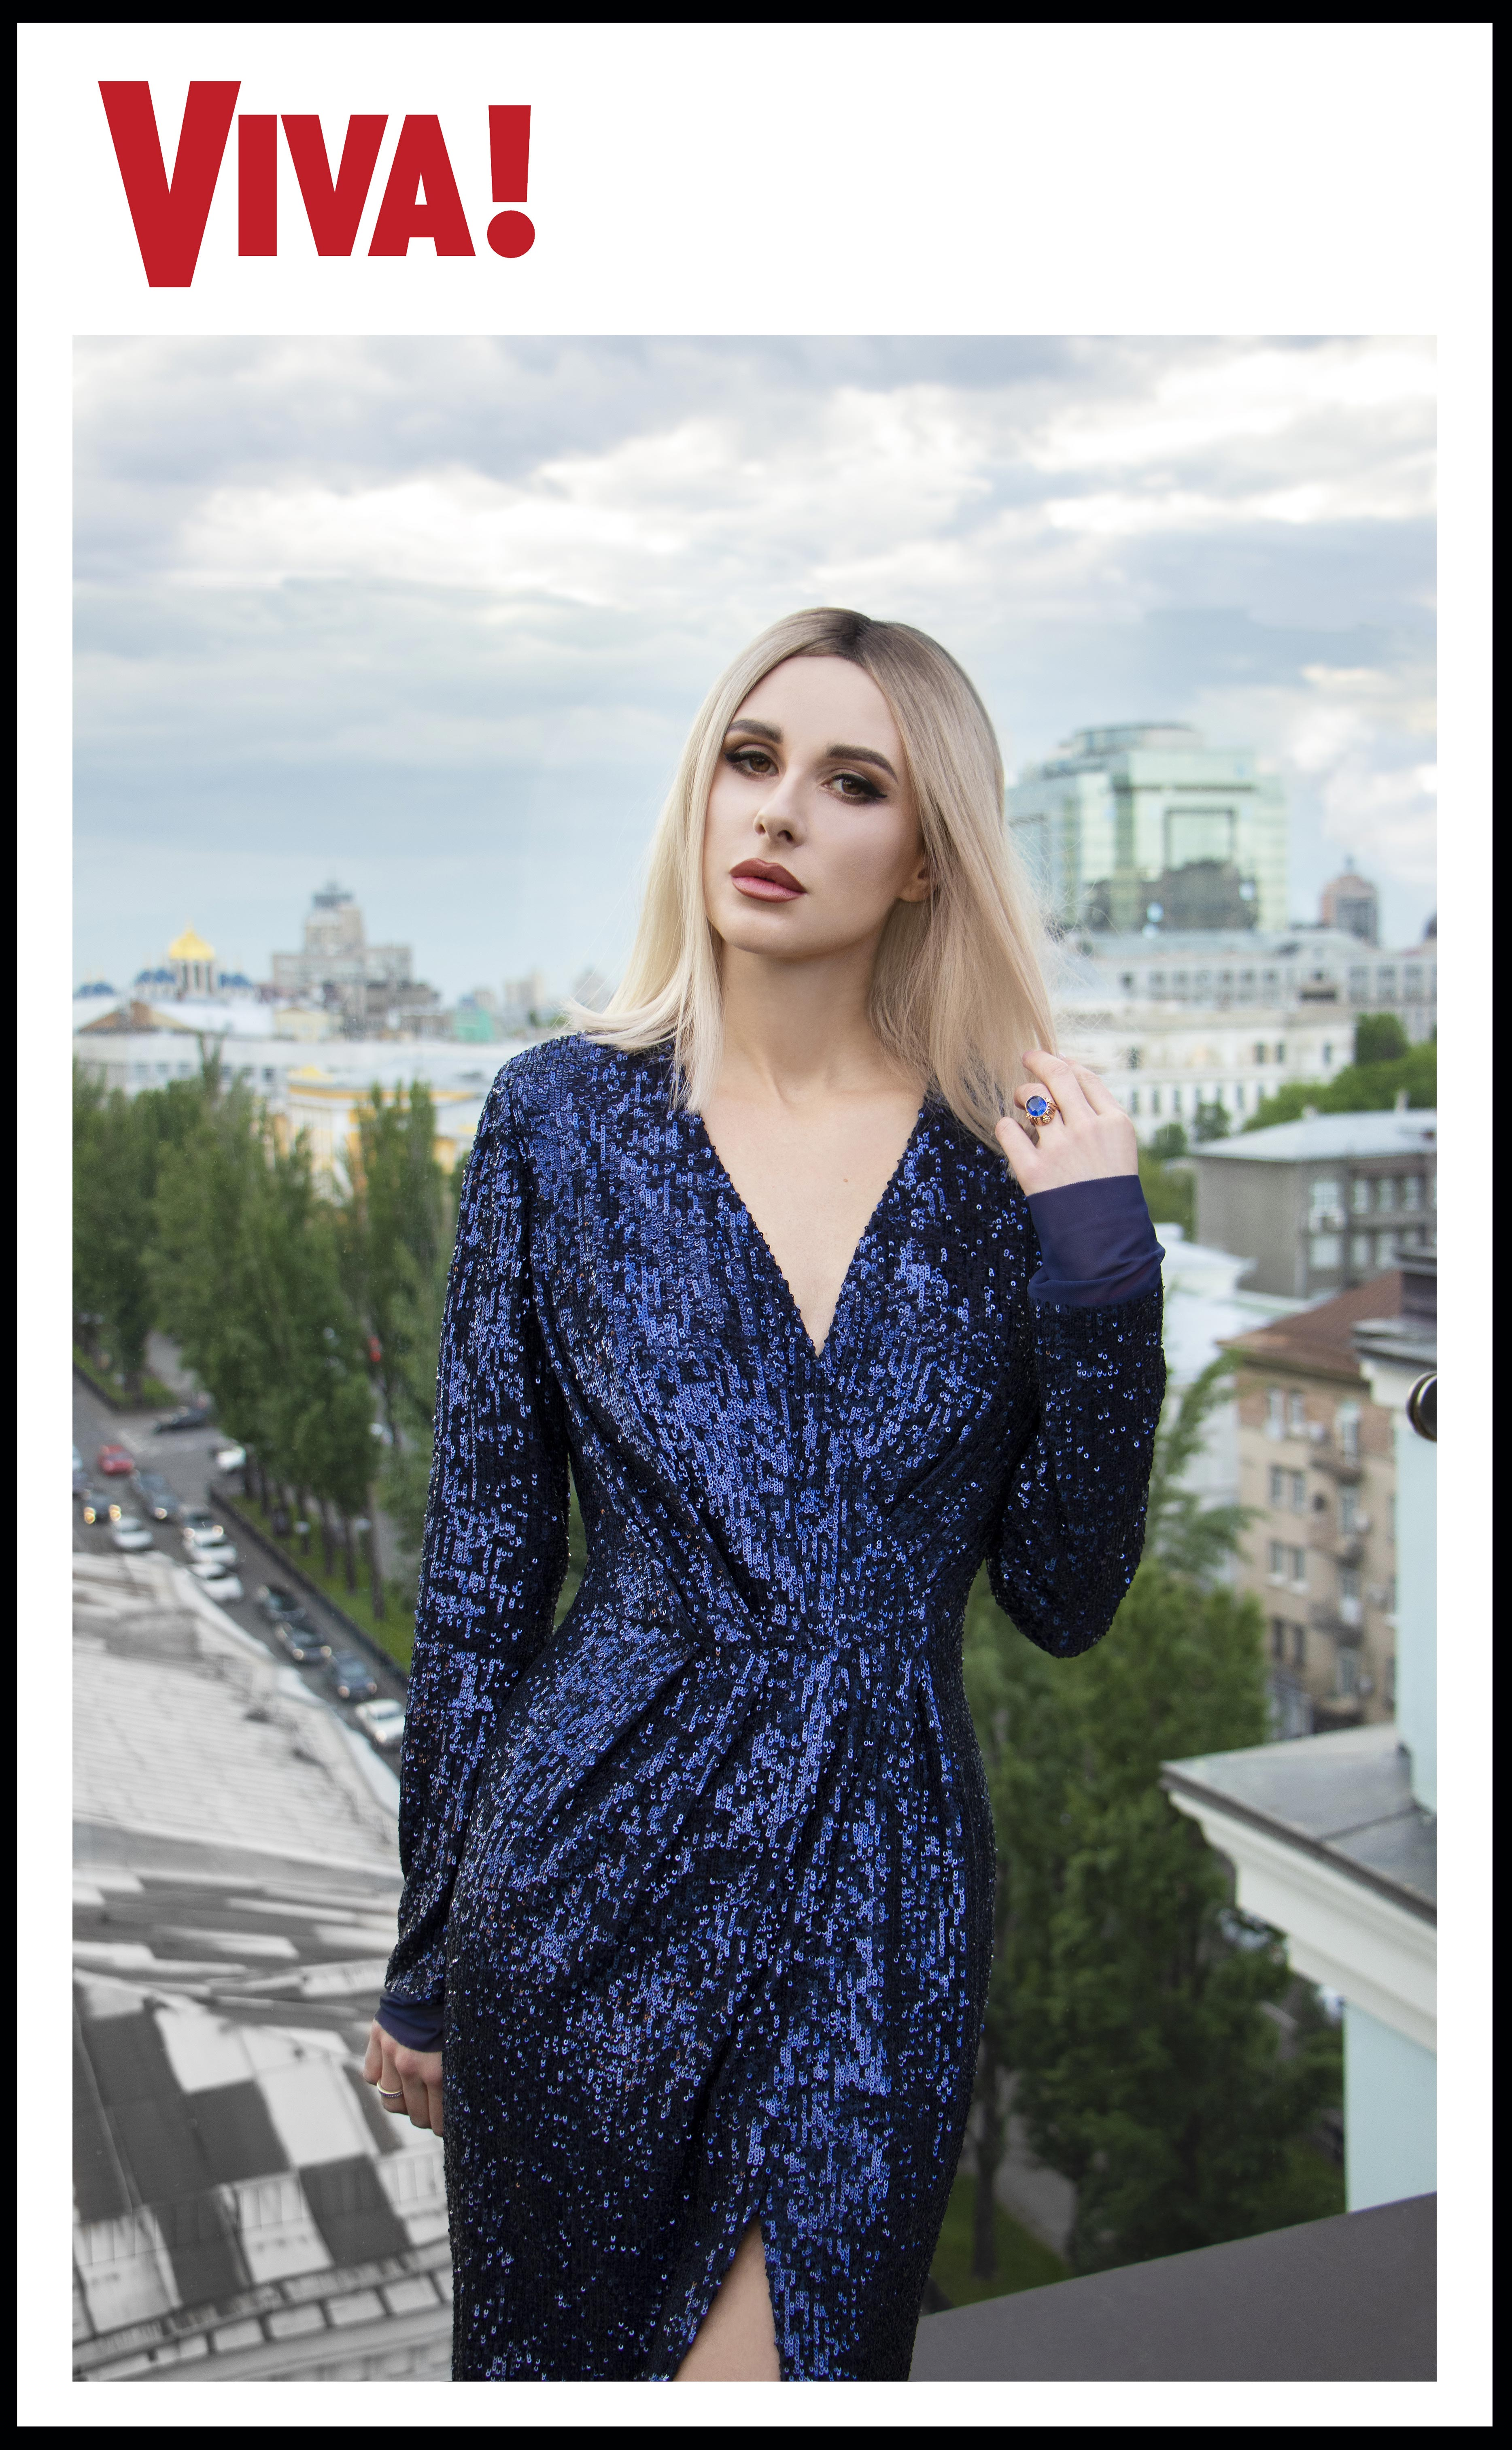 Mariana Voinova for Viva